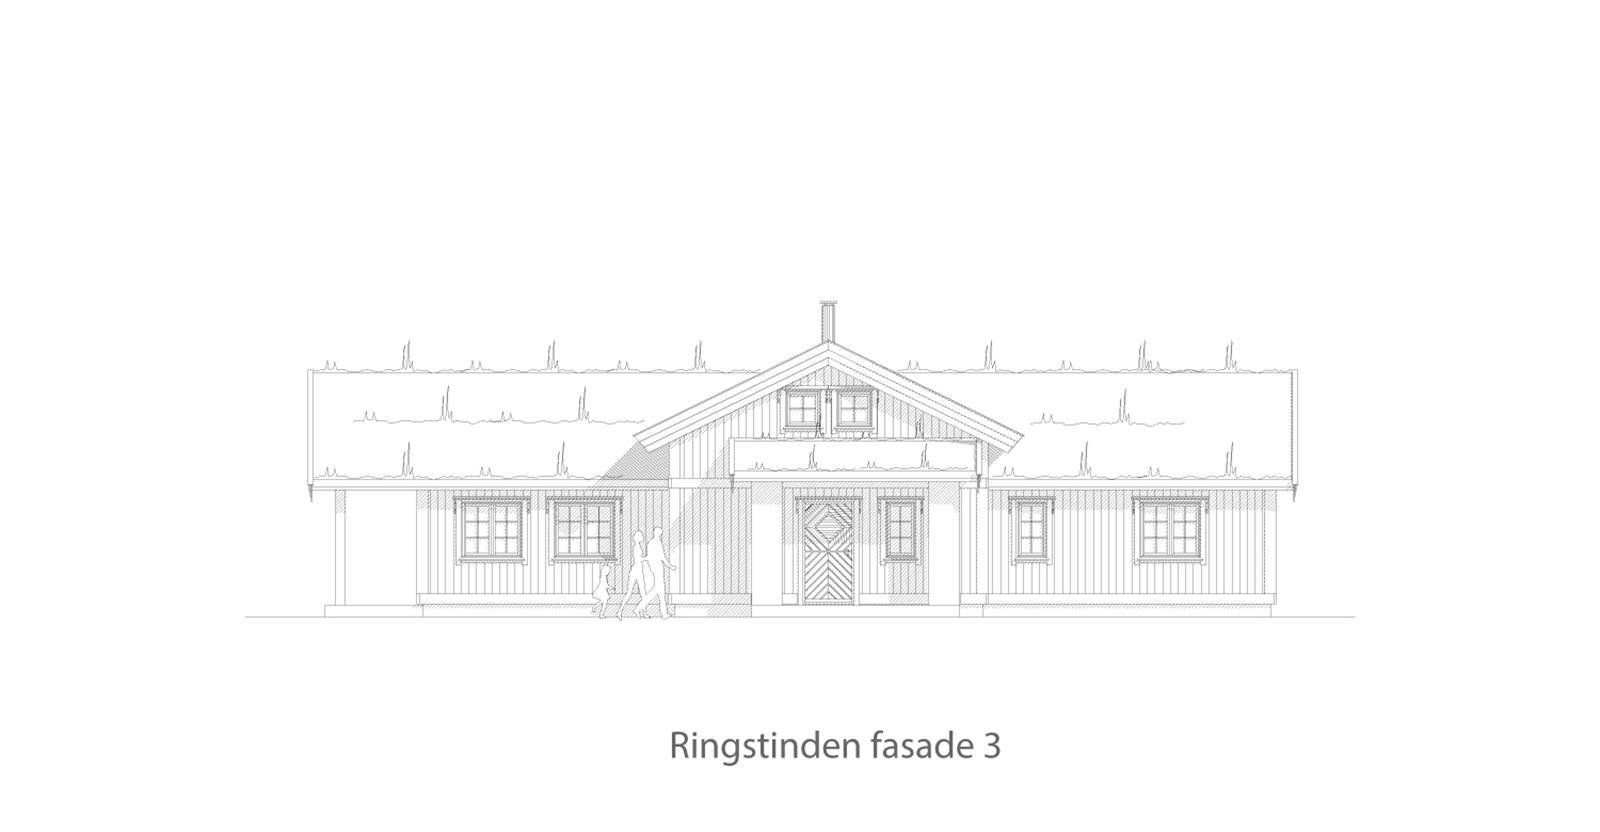 Ringstinden fasade 3